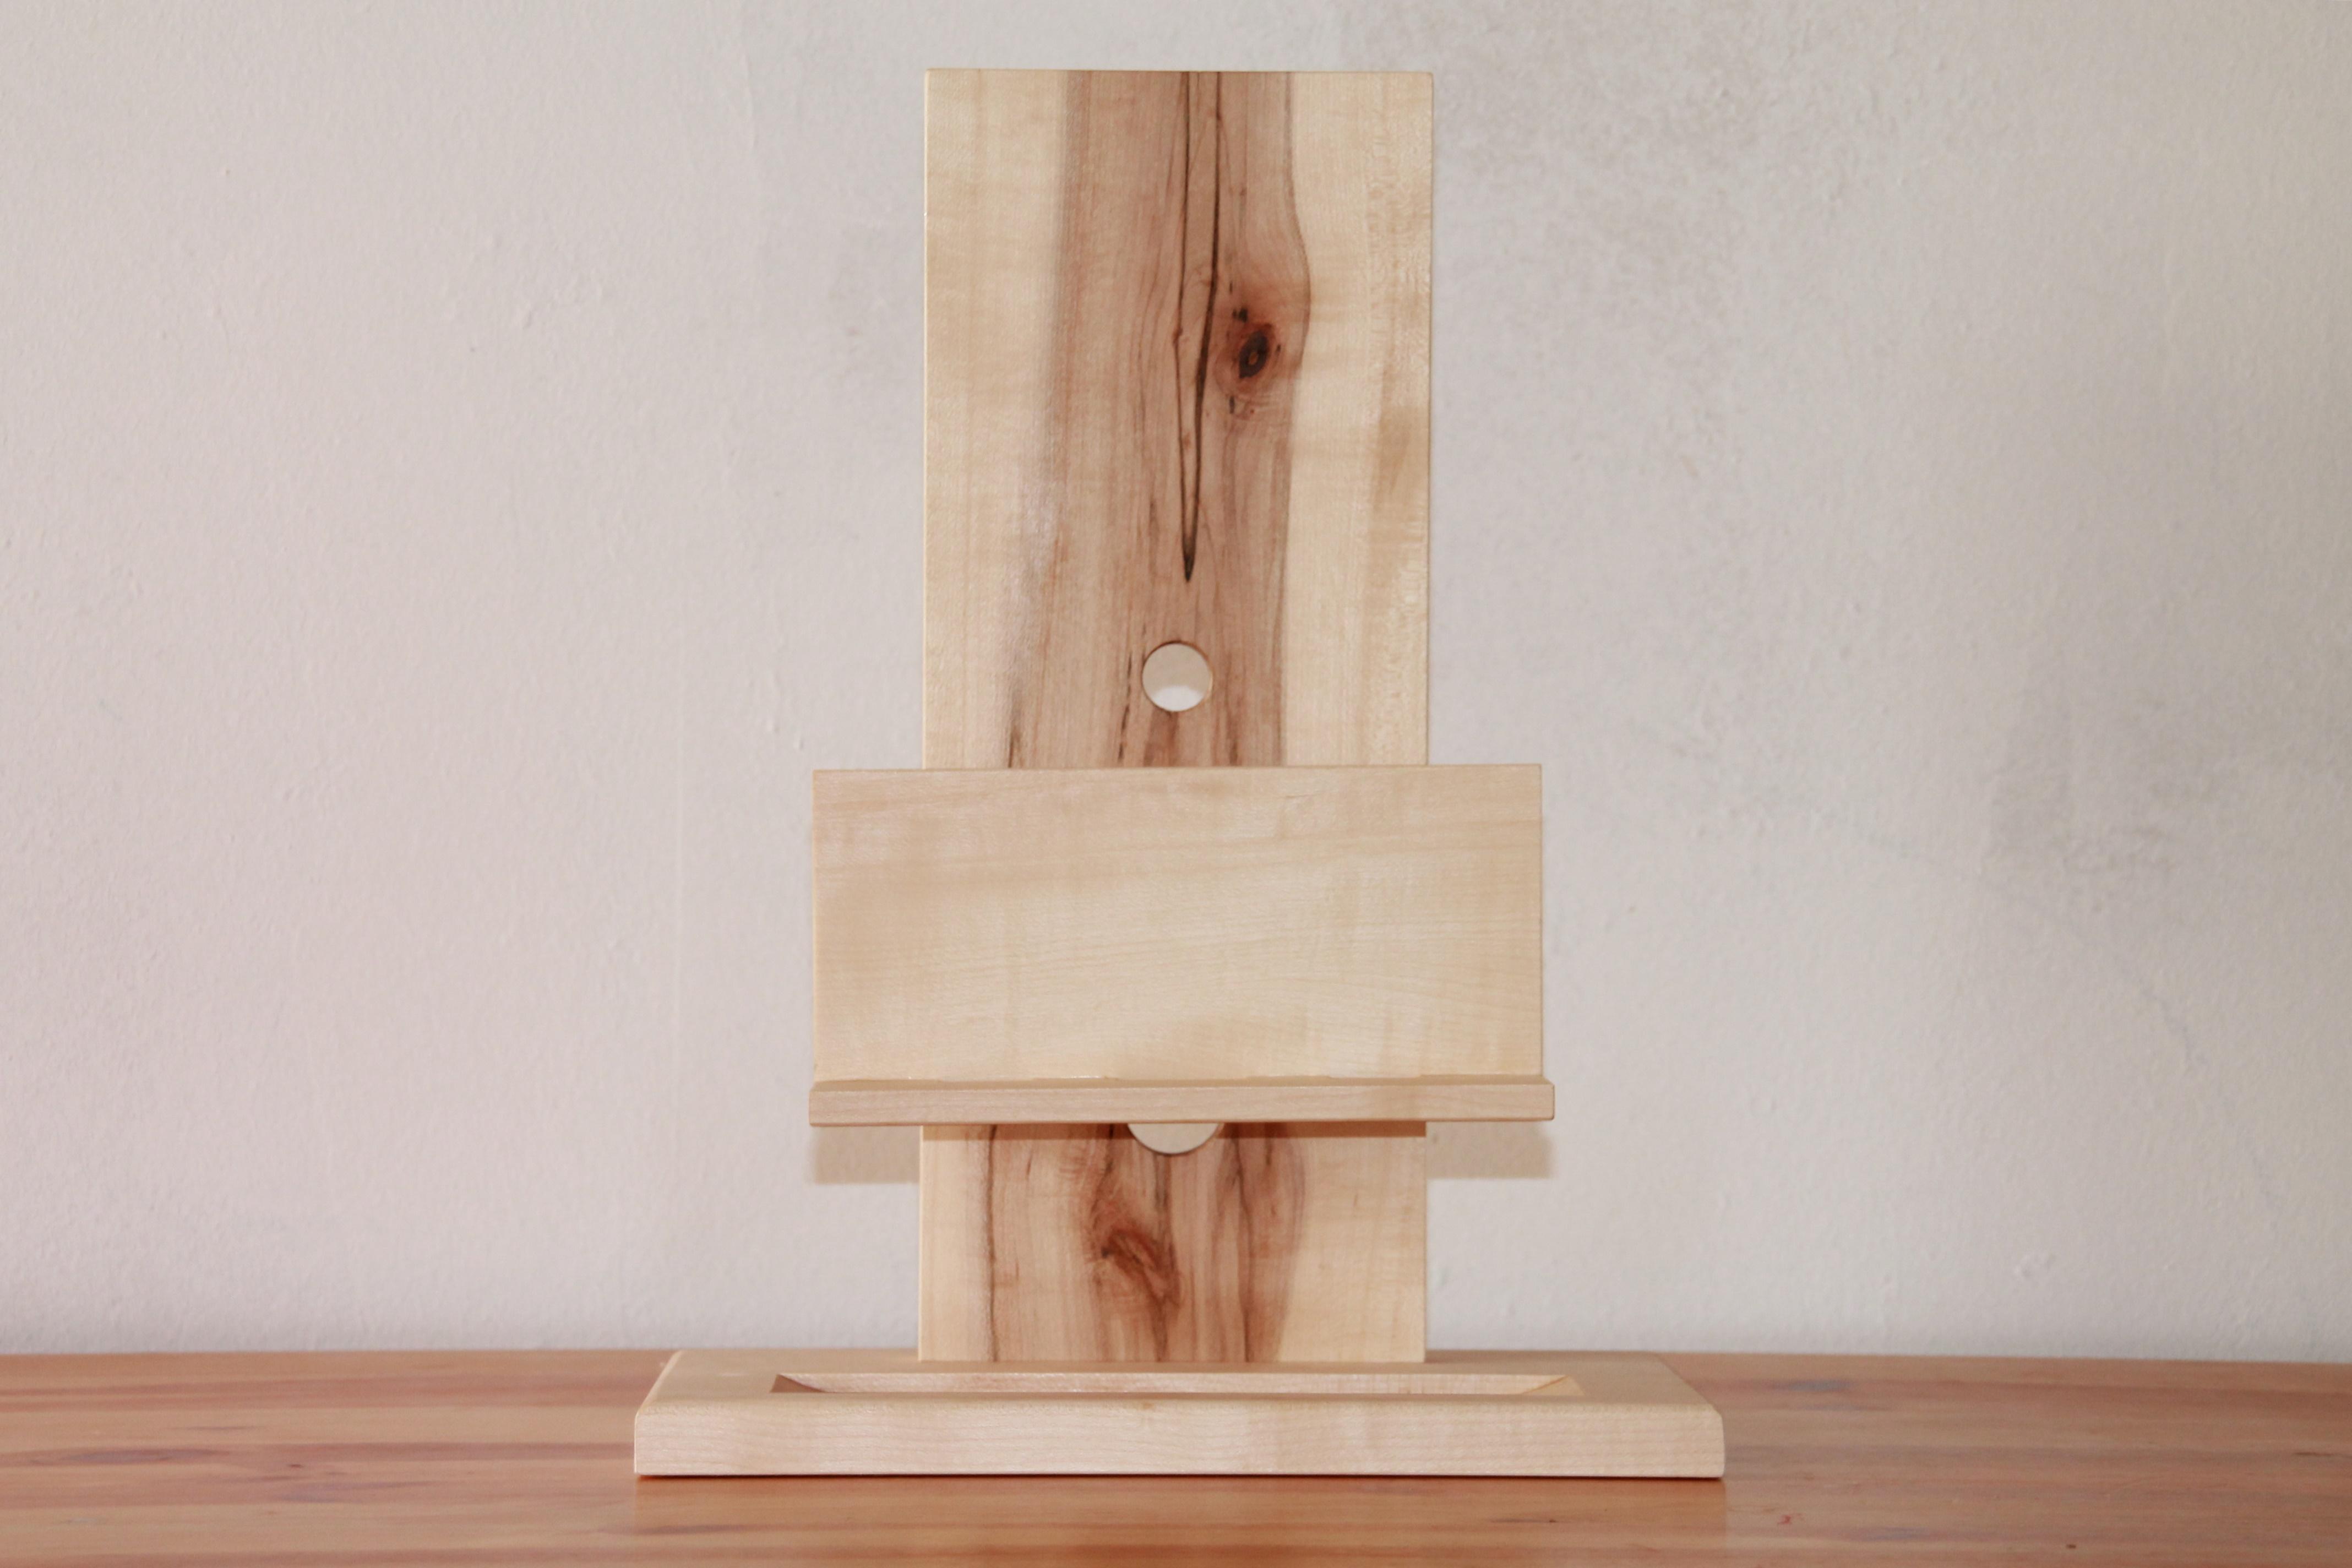 kernahorn tablet tablet stelen aus bayern. Black Bedroom Furniture Sets. Home Design Ideas